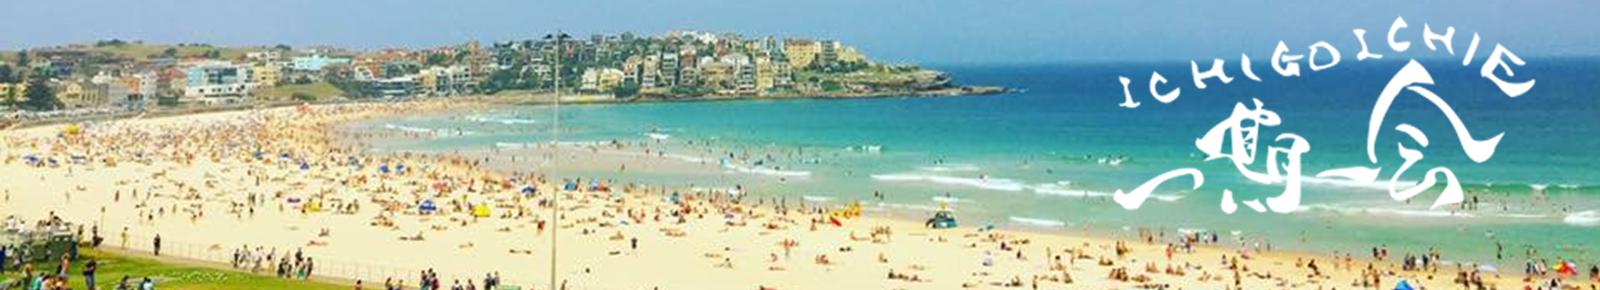 綺麗なビーチ